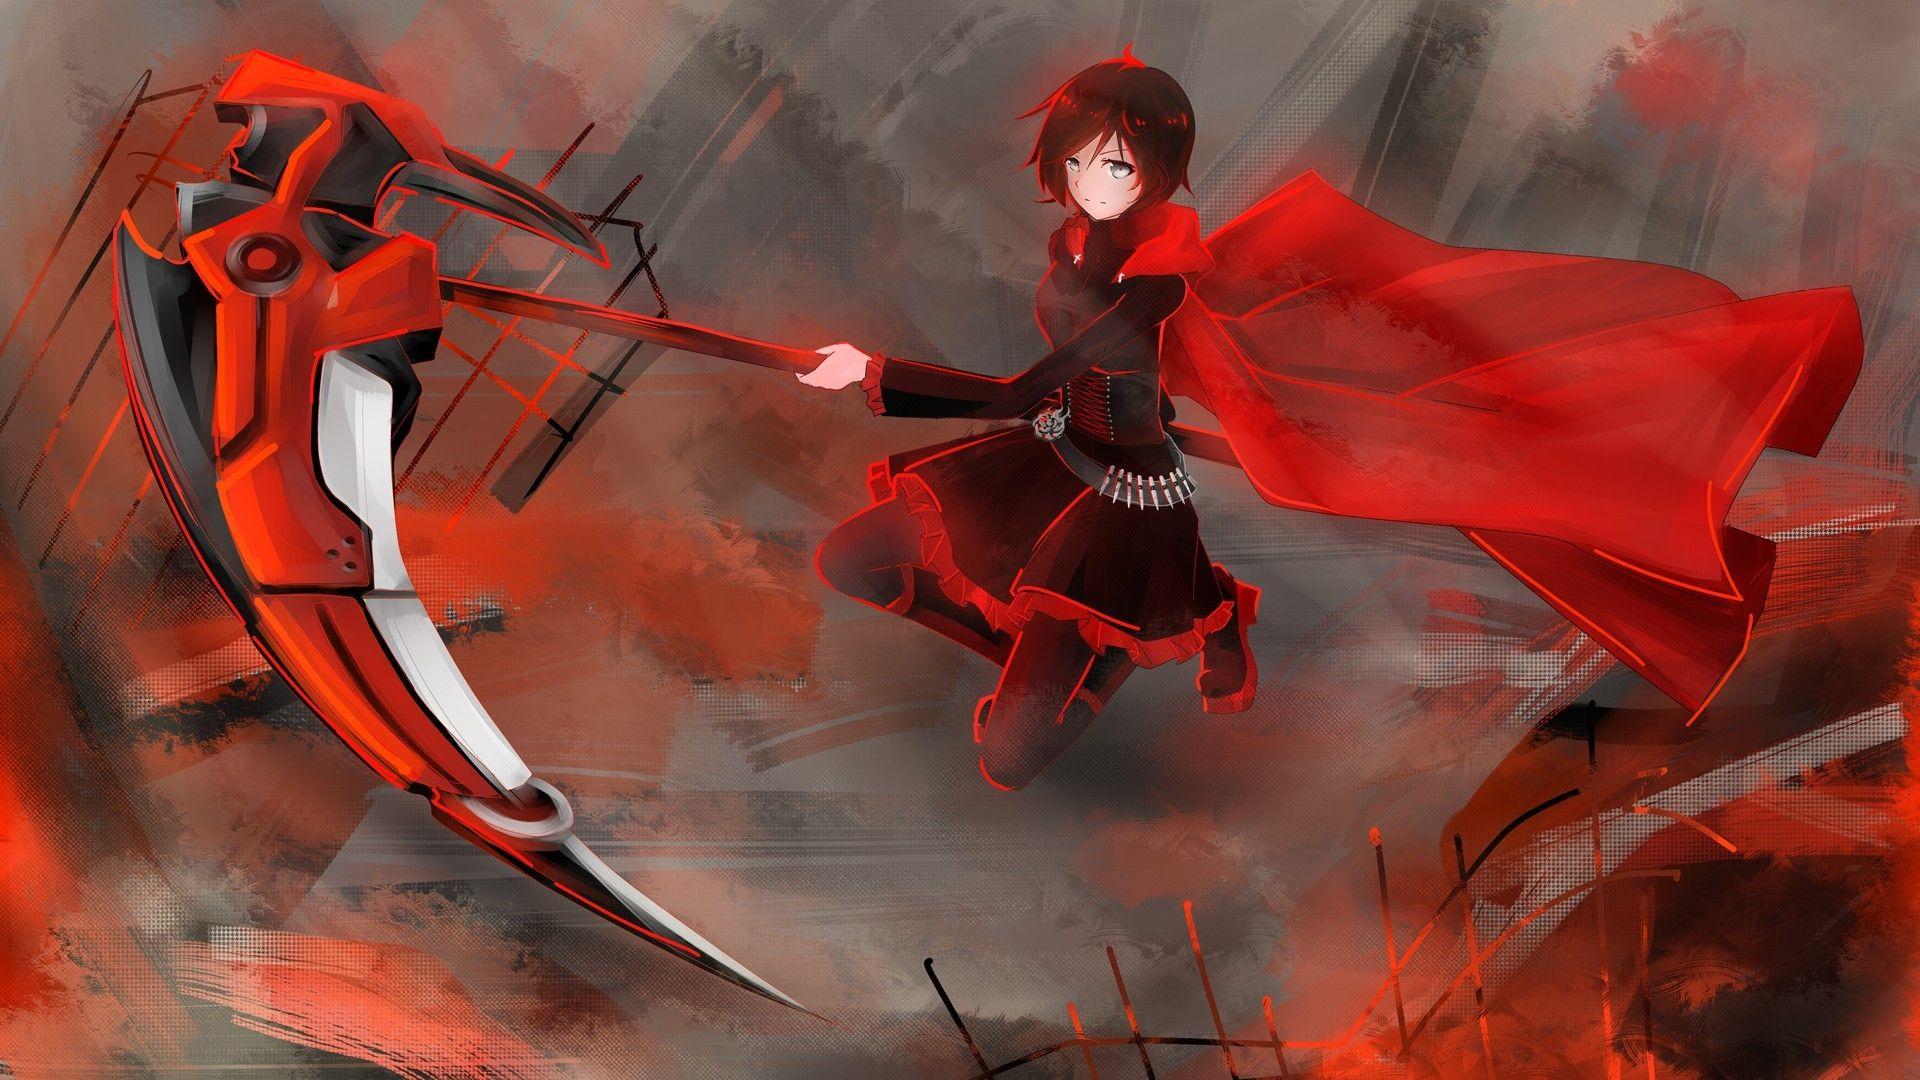 Anime 1920x1080 anime RWBY Ruby Rose